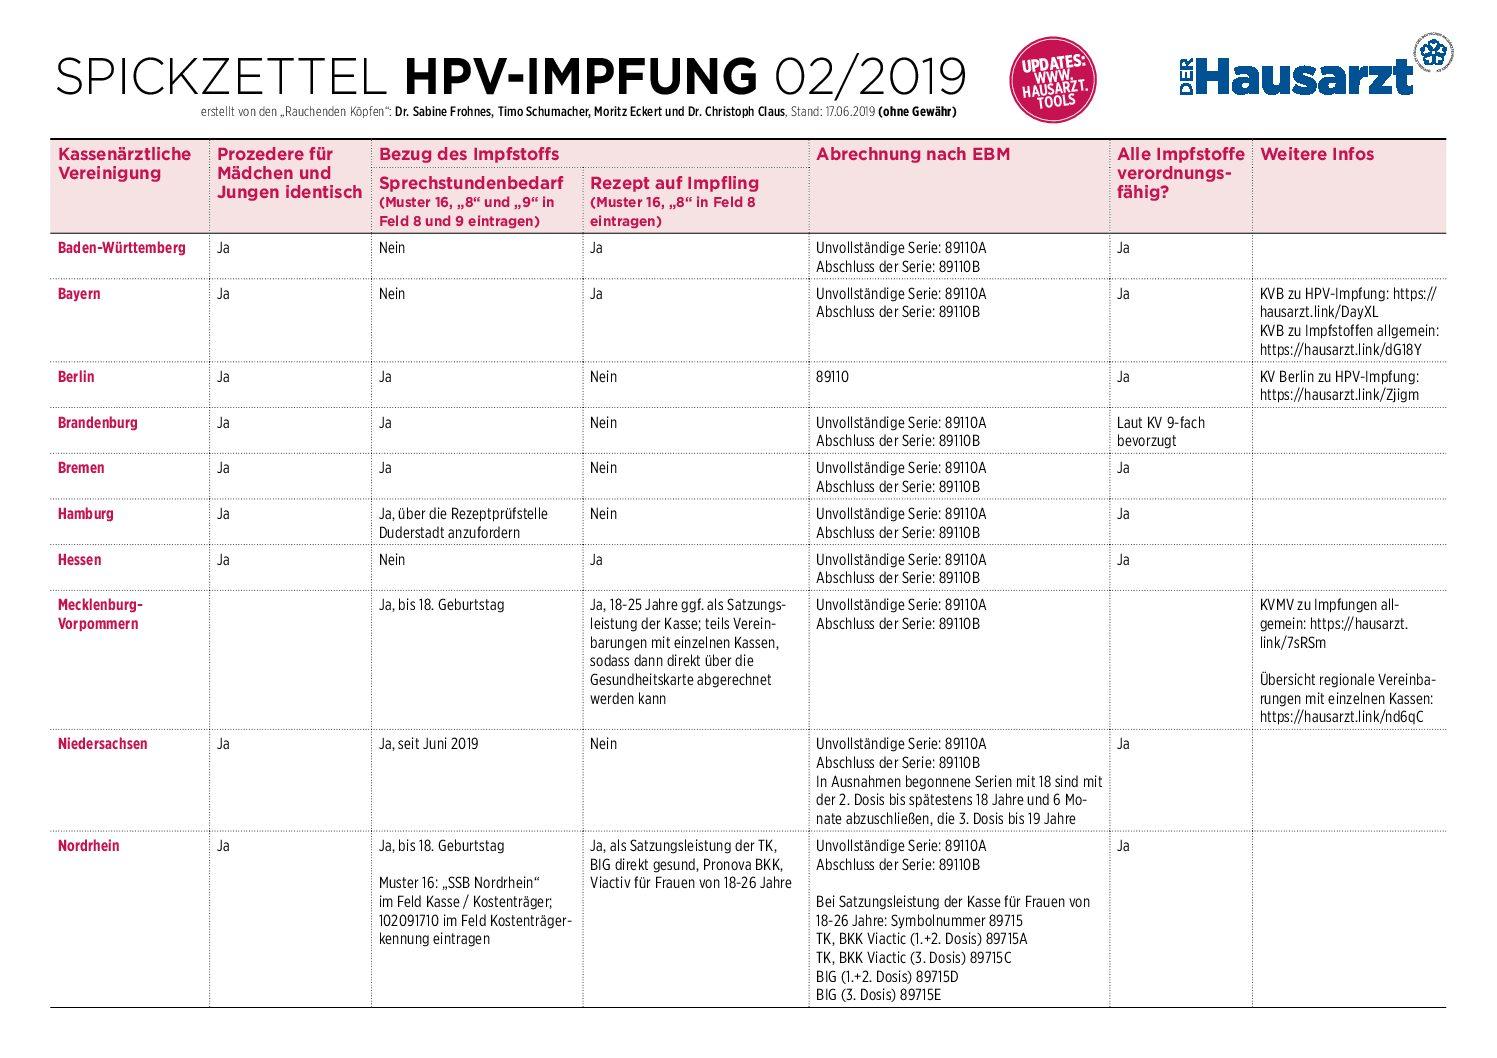 hpv impfung manner kkh)